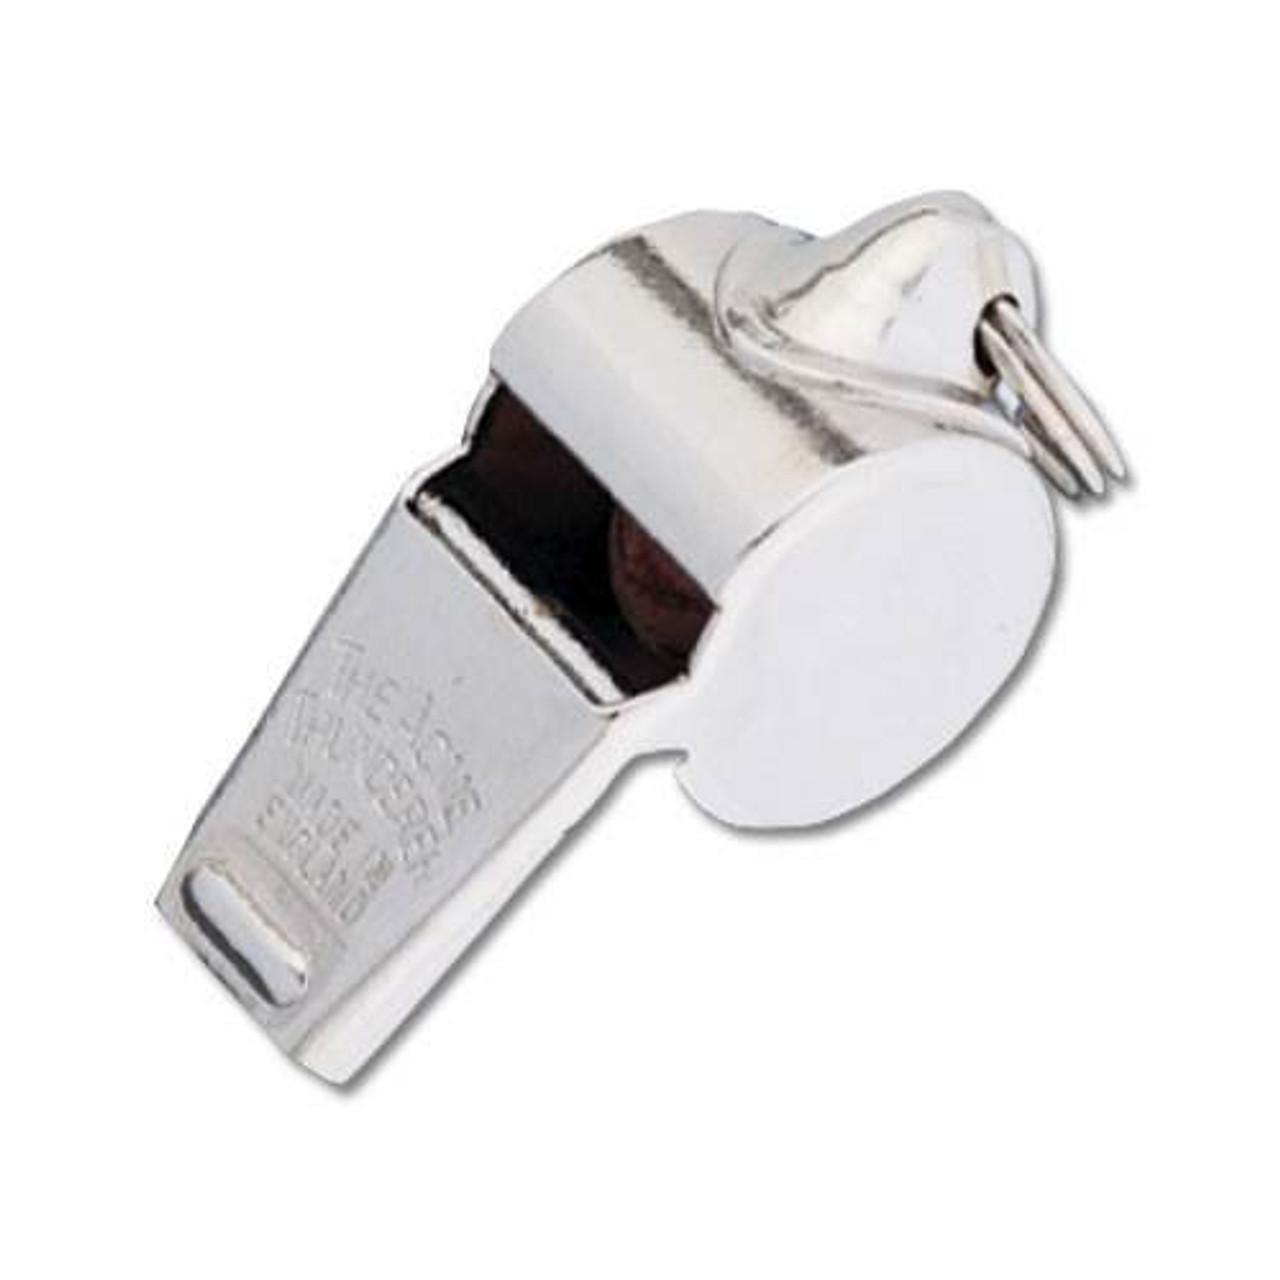 Acme Thunderer 60 1/2 Whistle